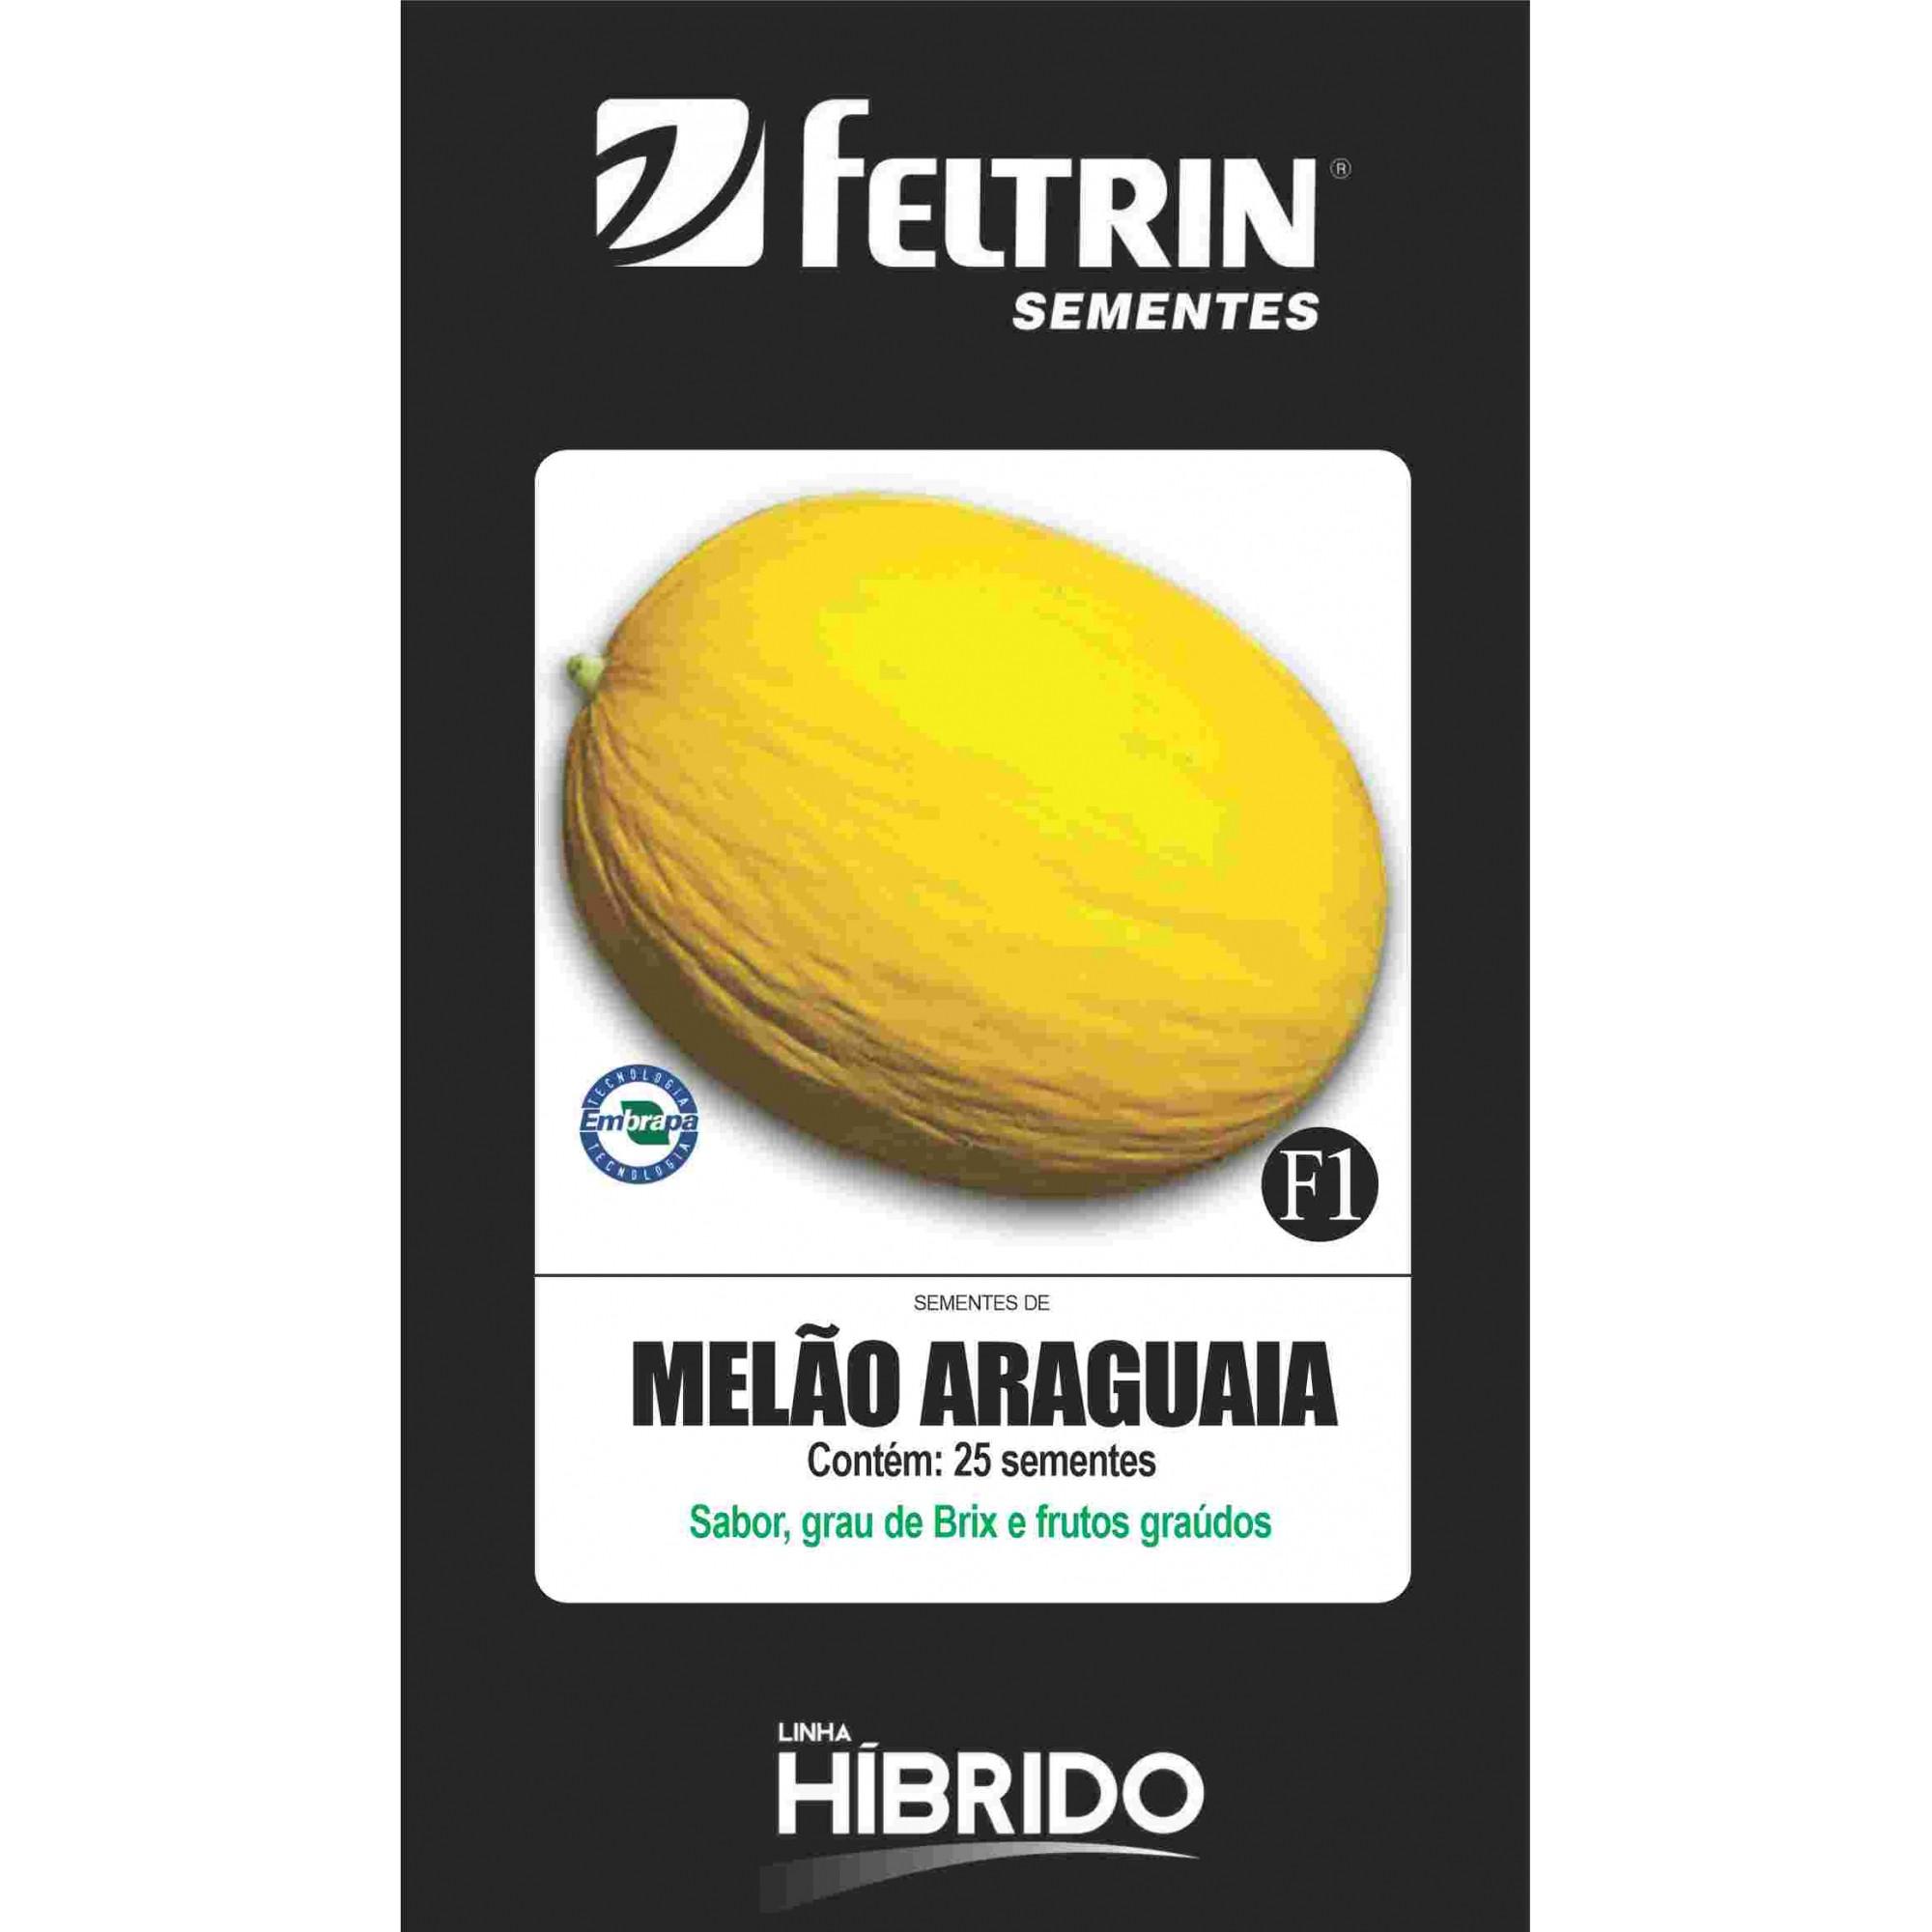 Melão Brs Araguaia - contém 25 sementes